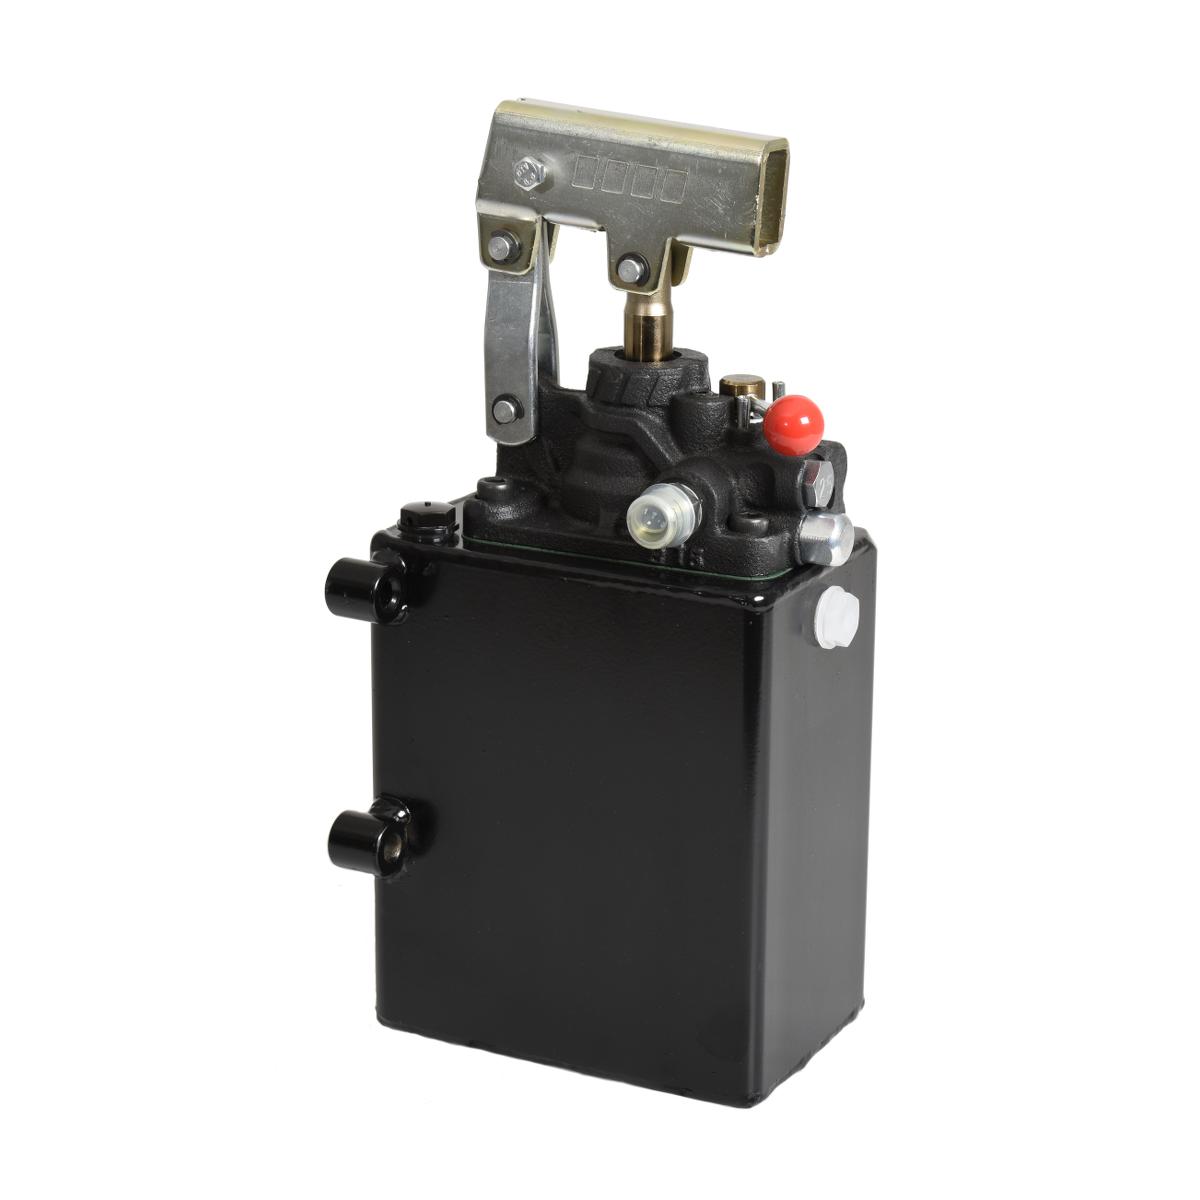 Hydraulic Hand Pump : Hydraulic hand pumps